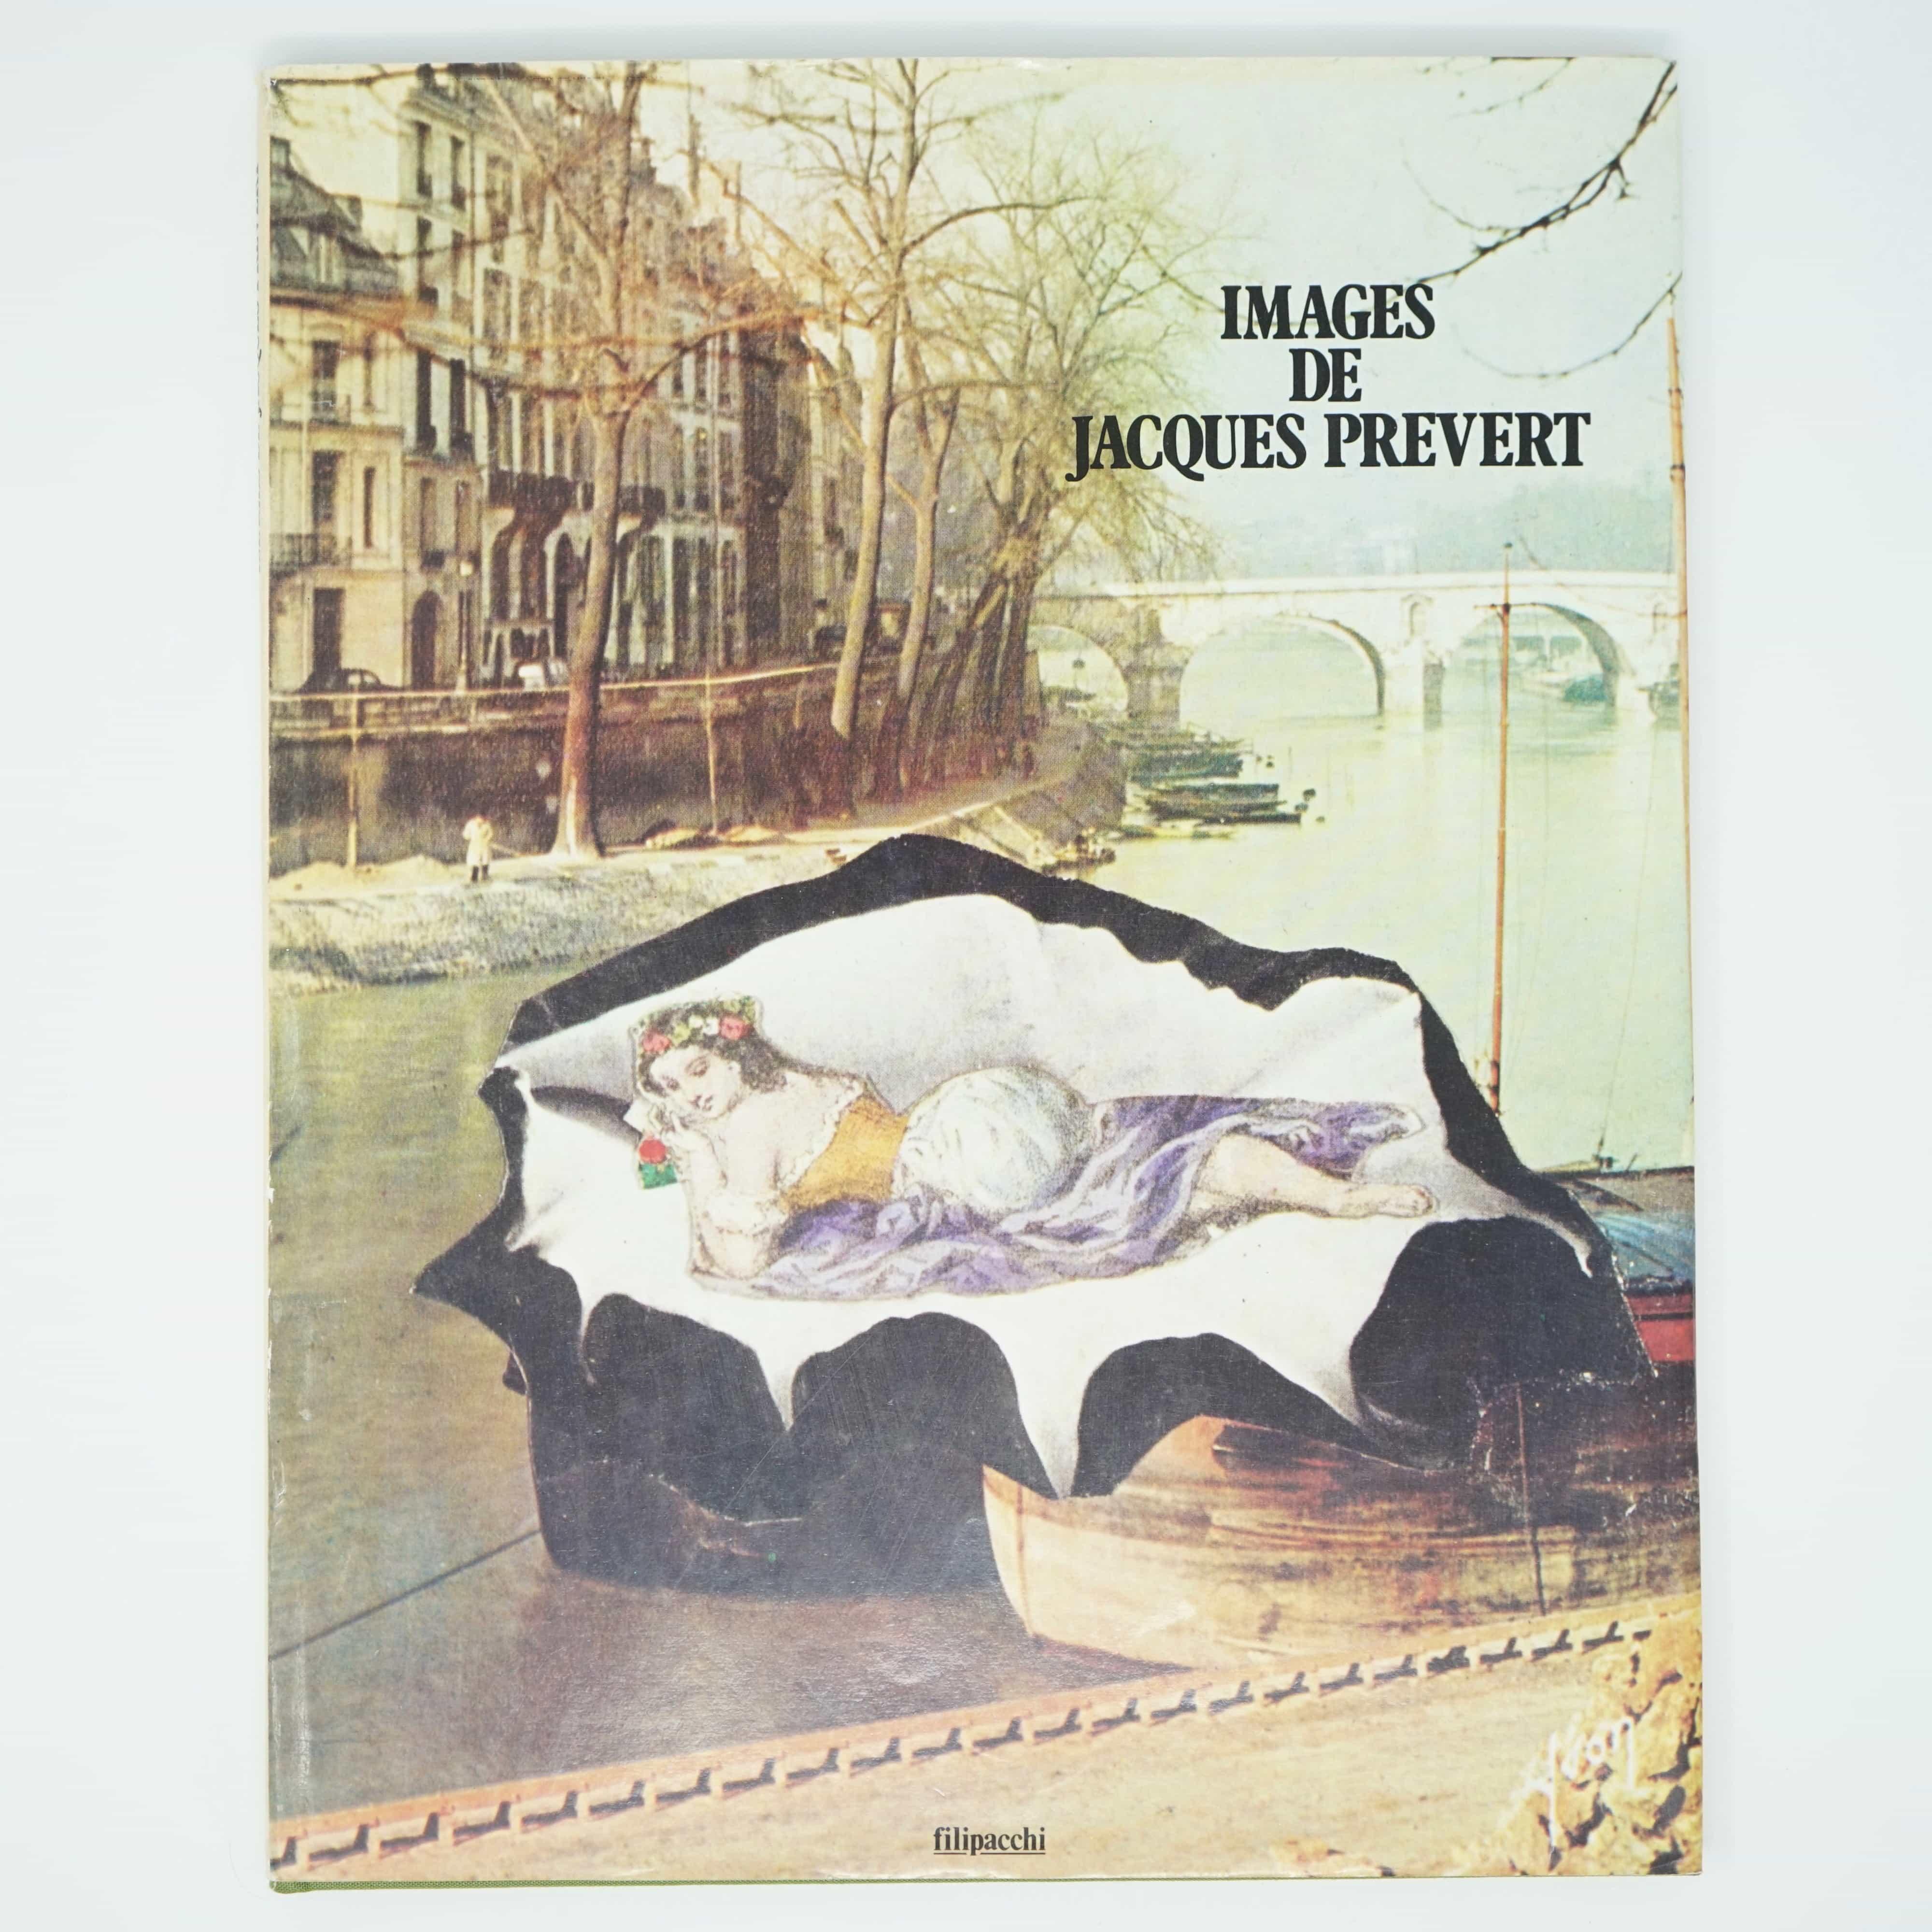 Images de Jacques Prévert 1974